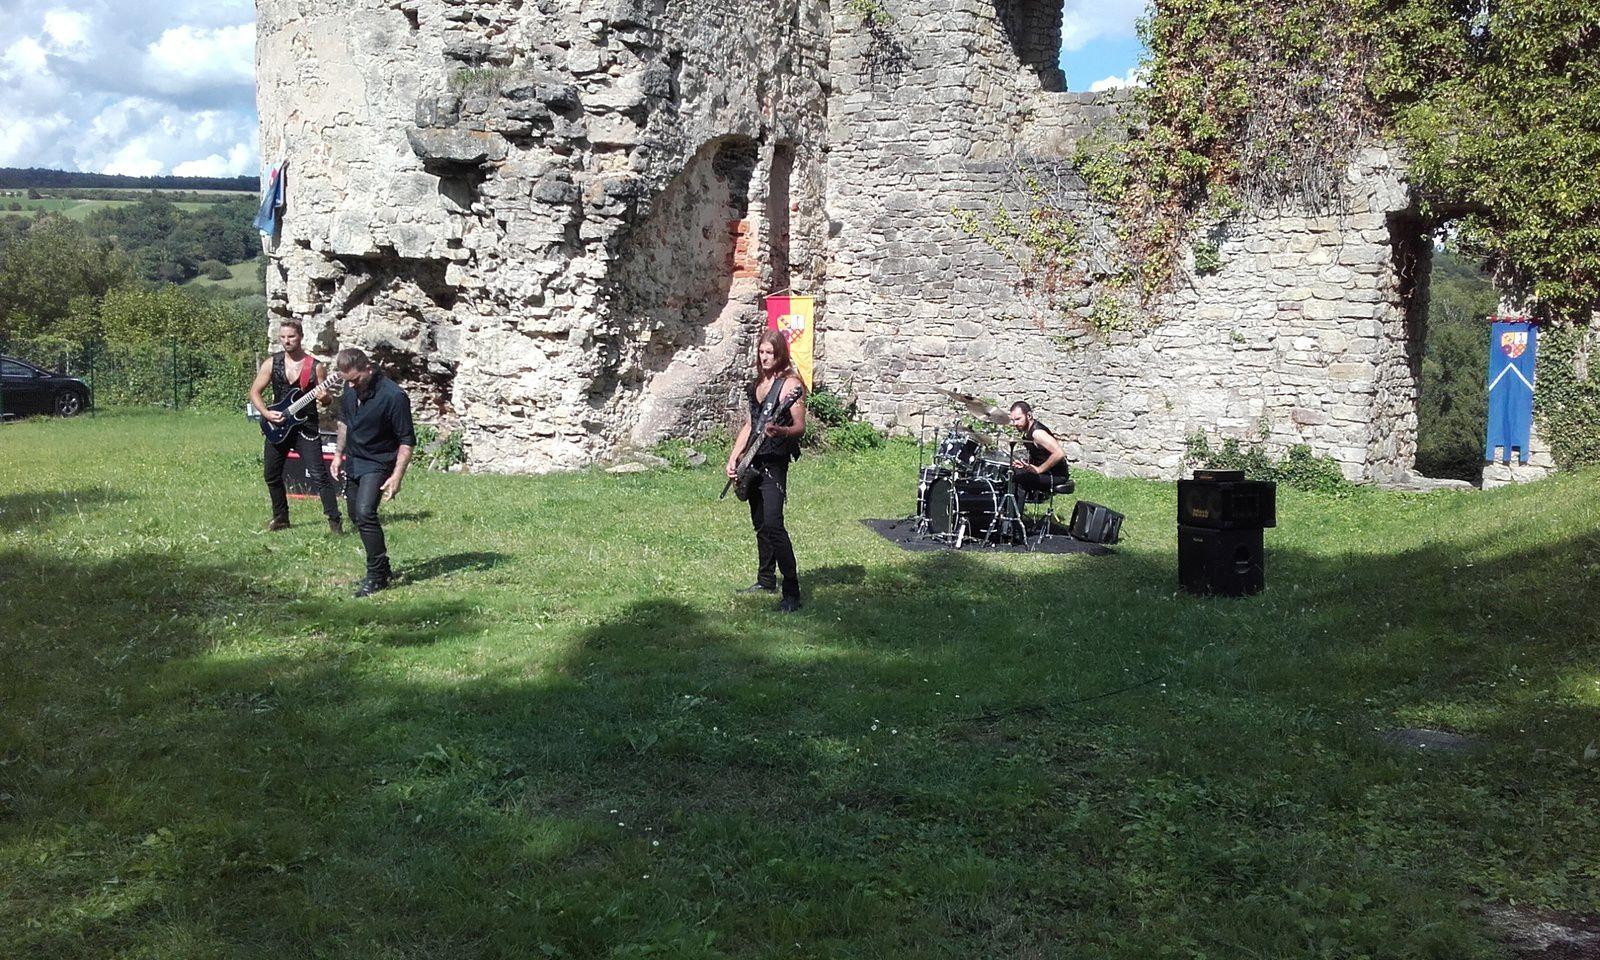 Tournage du clip du groupe rock les Seyminhol au château de Frauenberg le lundi 14 août. Ambiance chaleureuse, musiciens trés sympathiques.